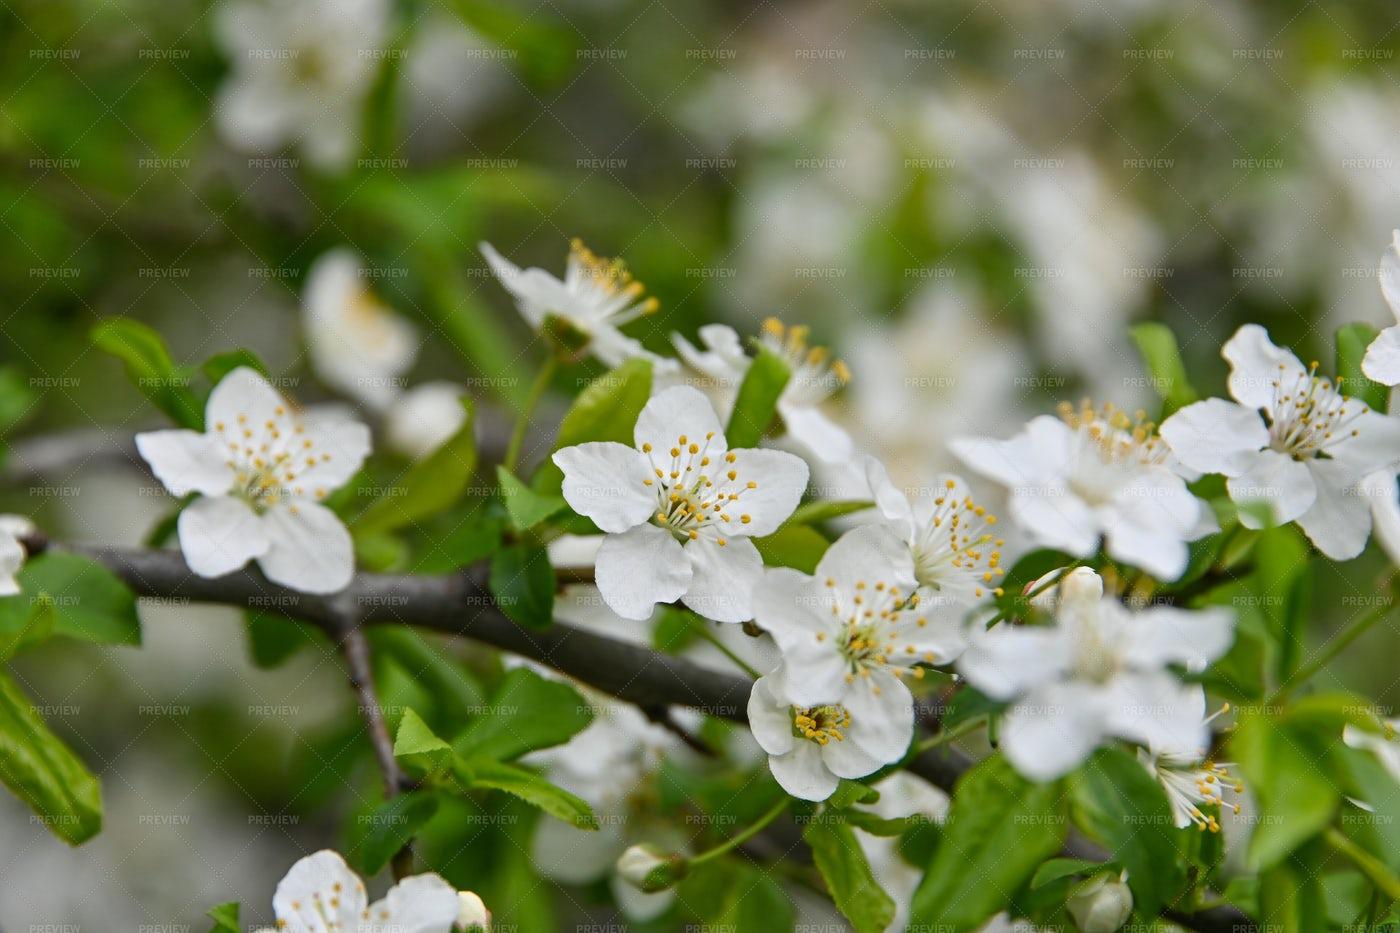 White Cherry Blossom Close-Up: Stock Photos